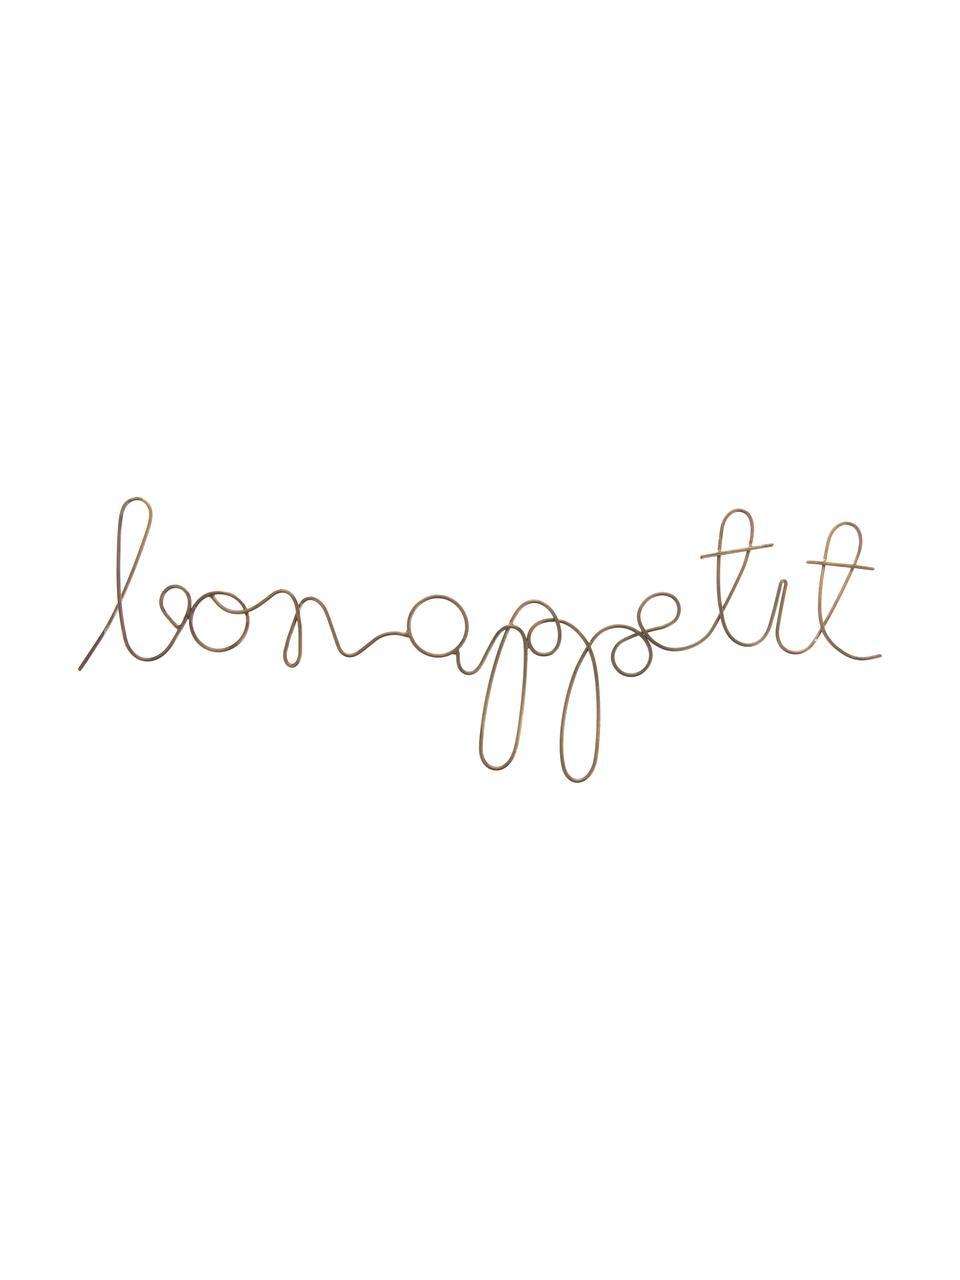 Wandobjekt Bon Appetit aus beschichtetem Stahl, Stahl, beschichtet, Messingfarben, 50 x 19 cm